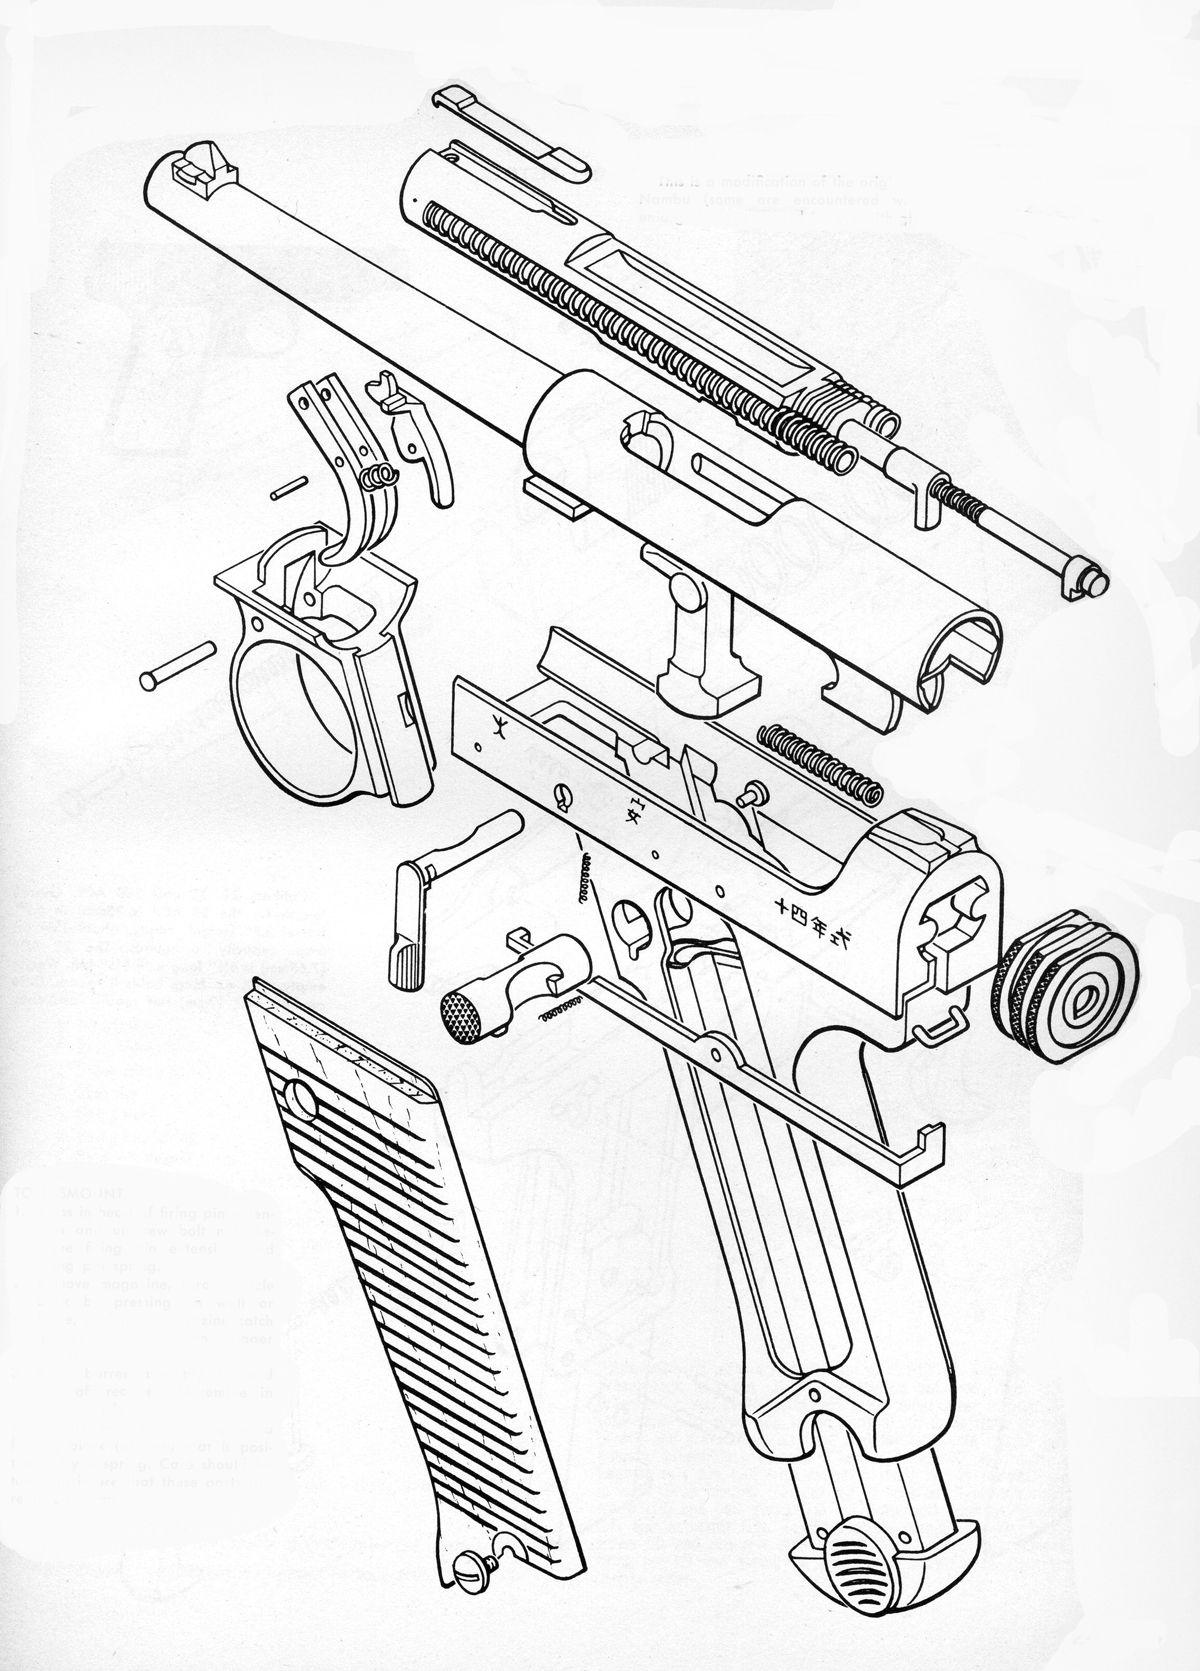 3d gun anatomy